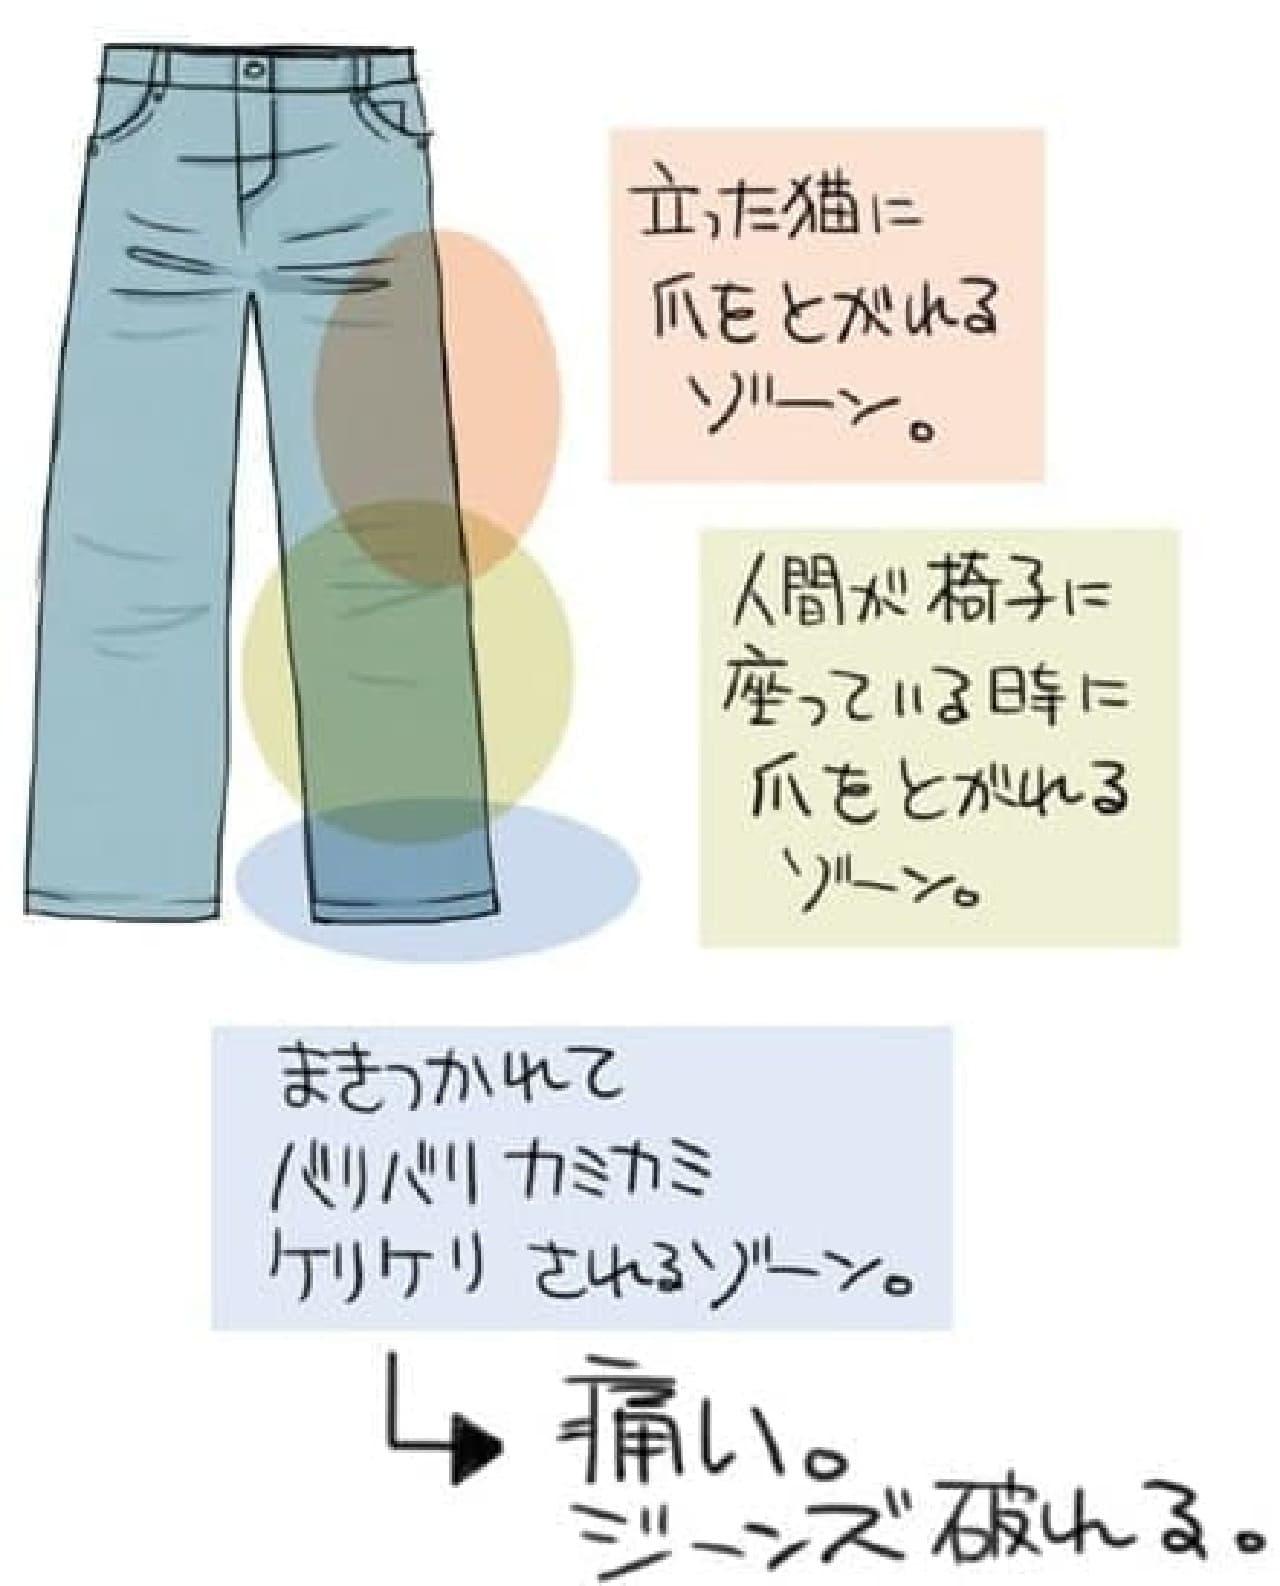 漫画家 山野りんりんさんの提案書(その1)  ネコを飼う上での、通常のジーンズの問題点